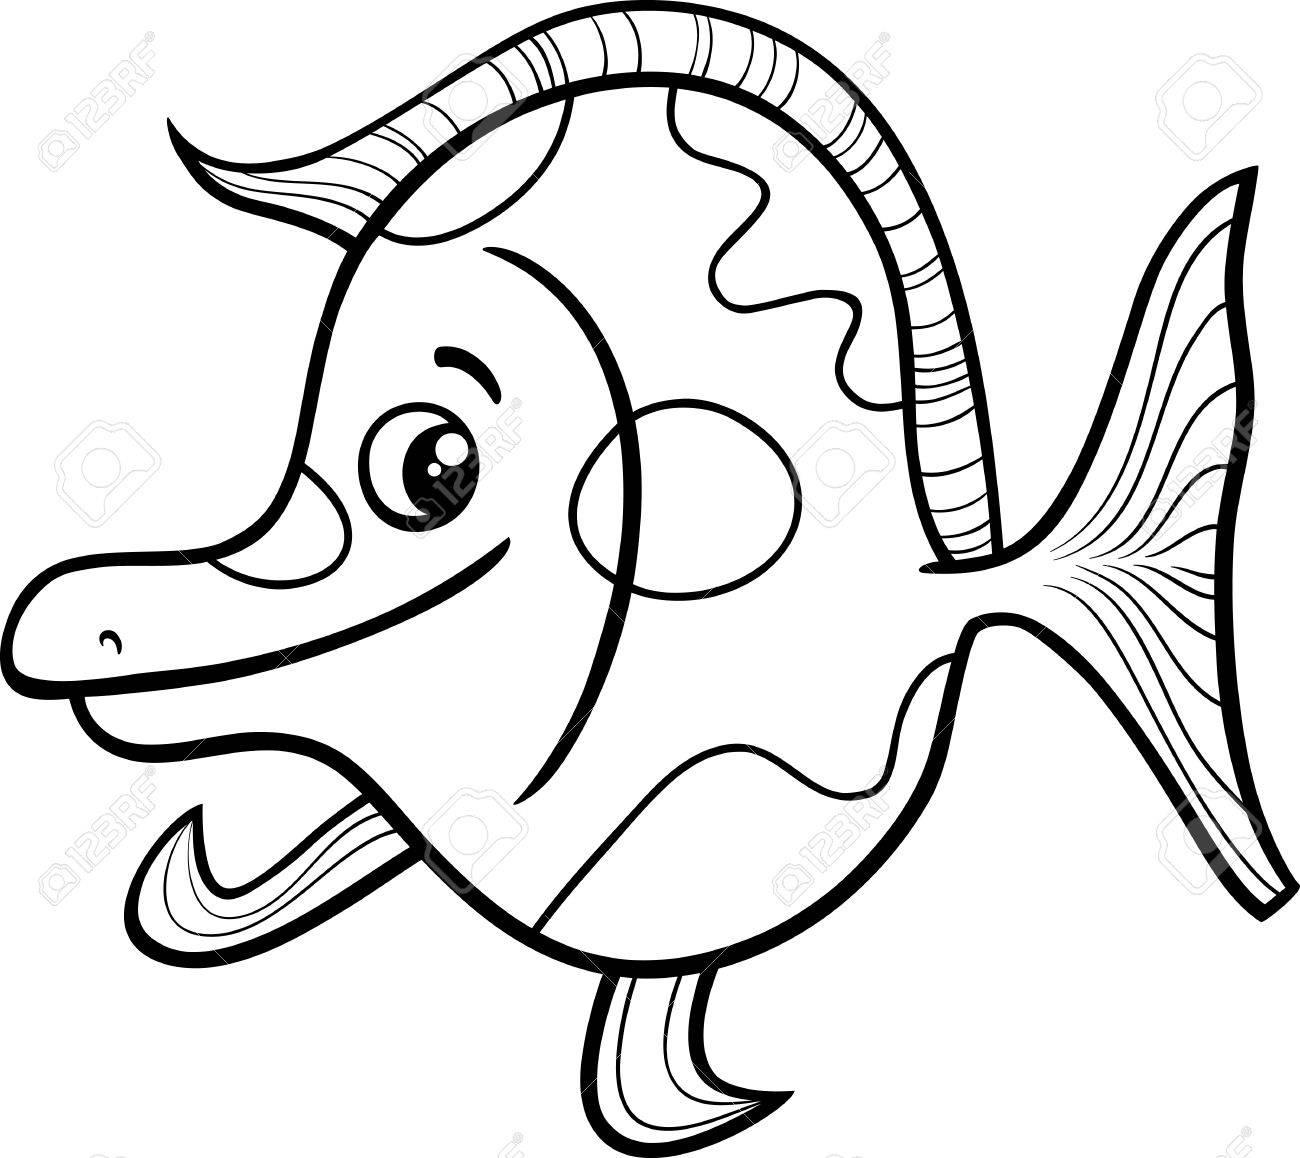 面白いエキゾチックな魚海生活動物塗り絵のための黒と白の漫画イラスト